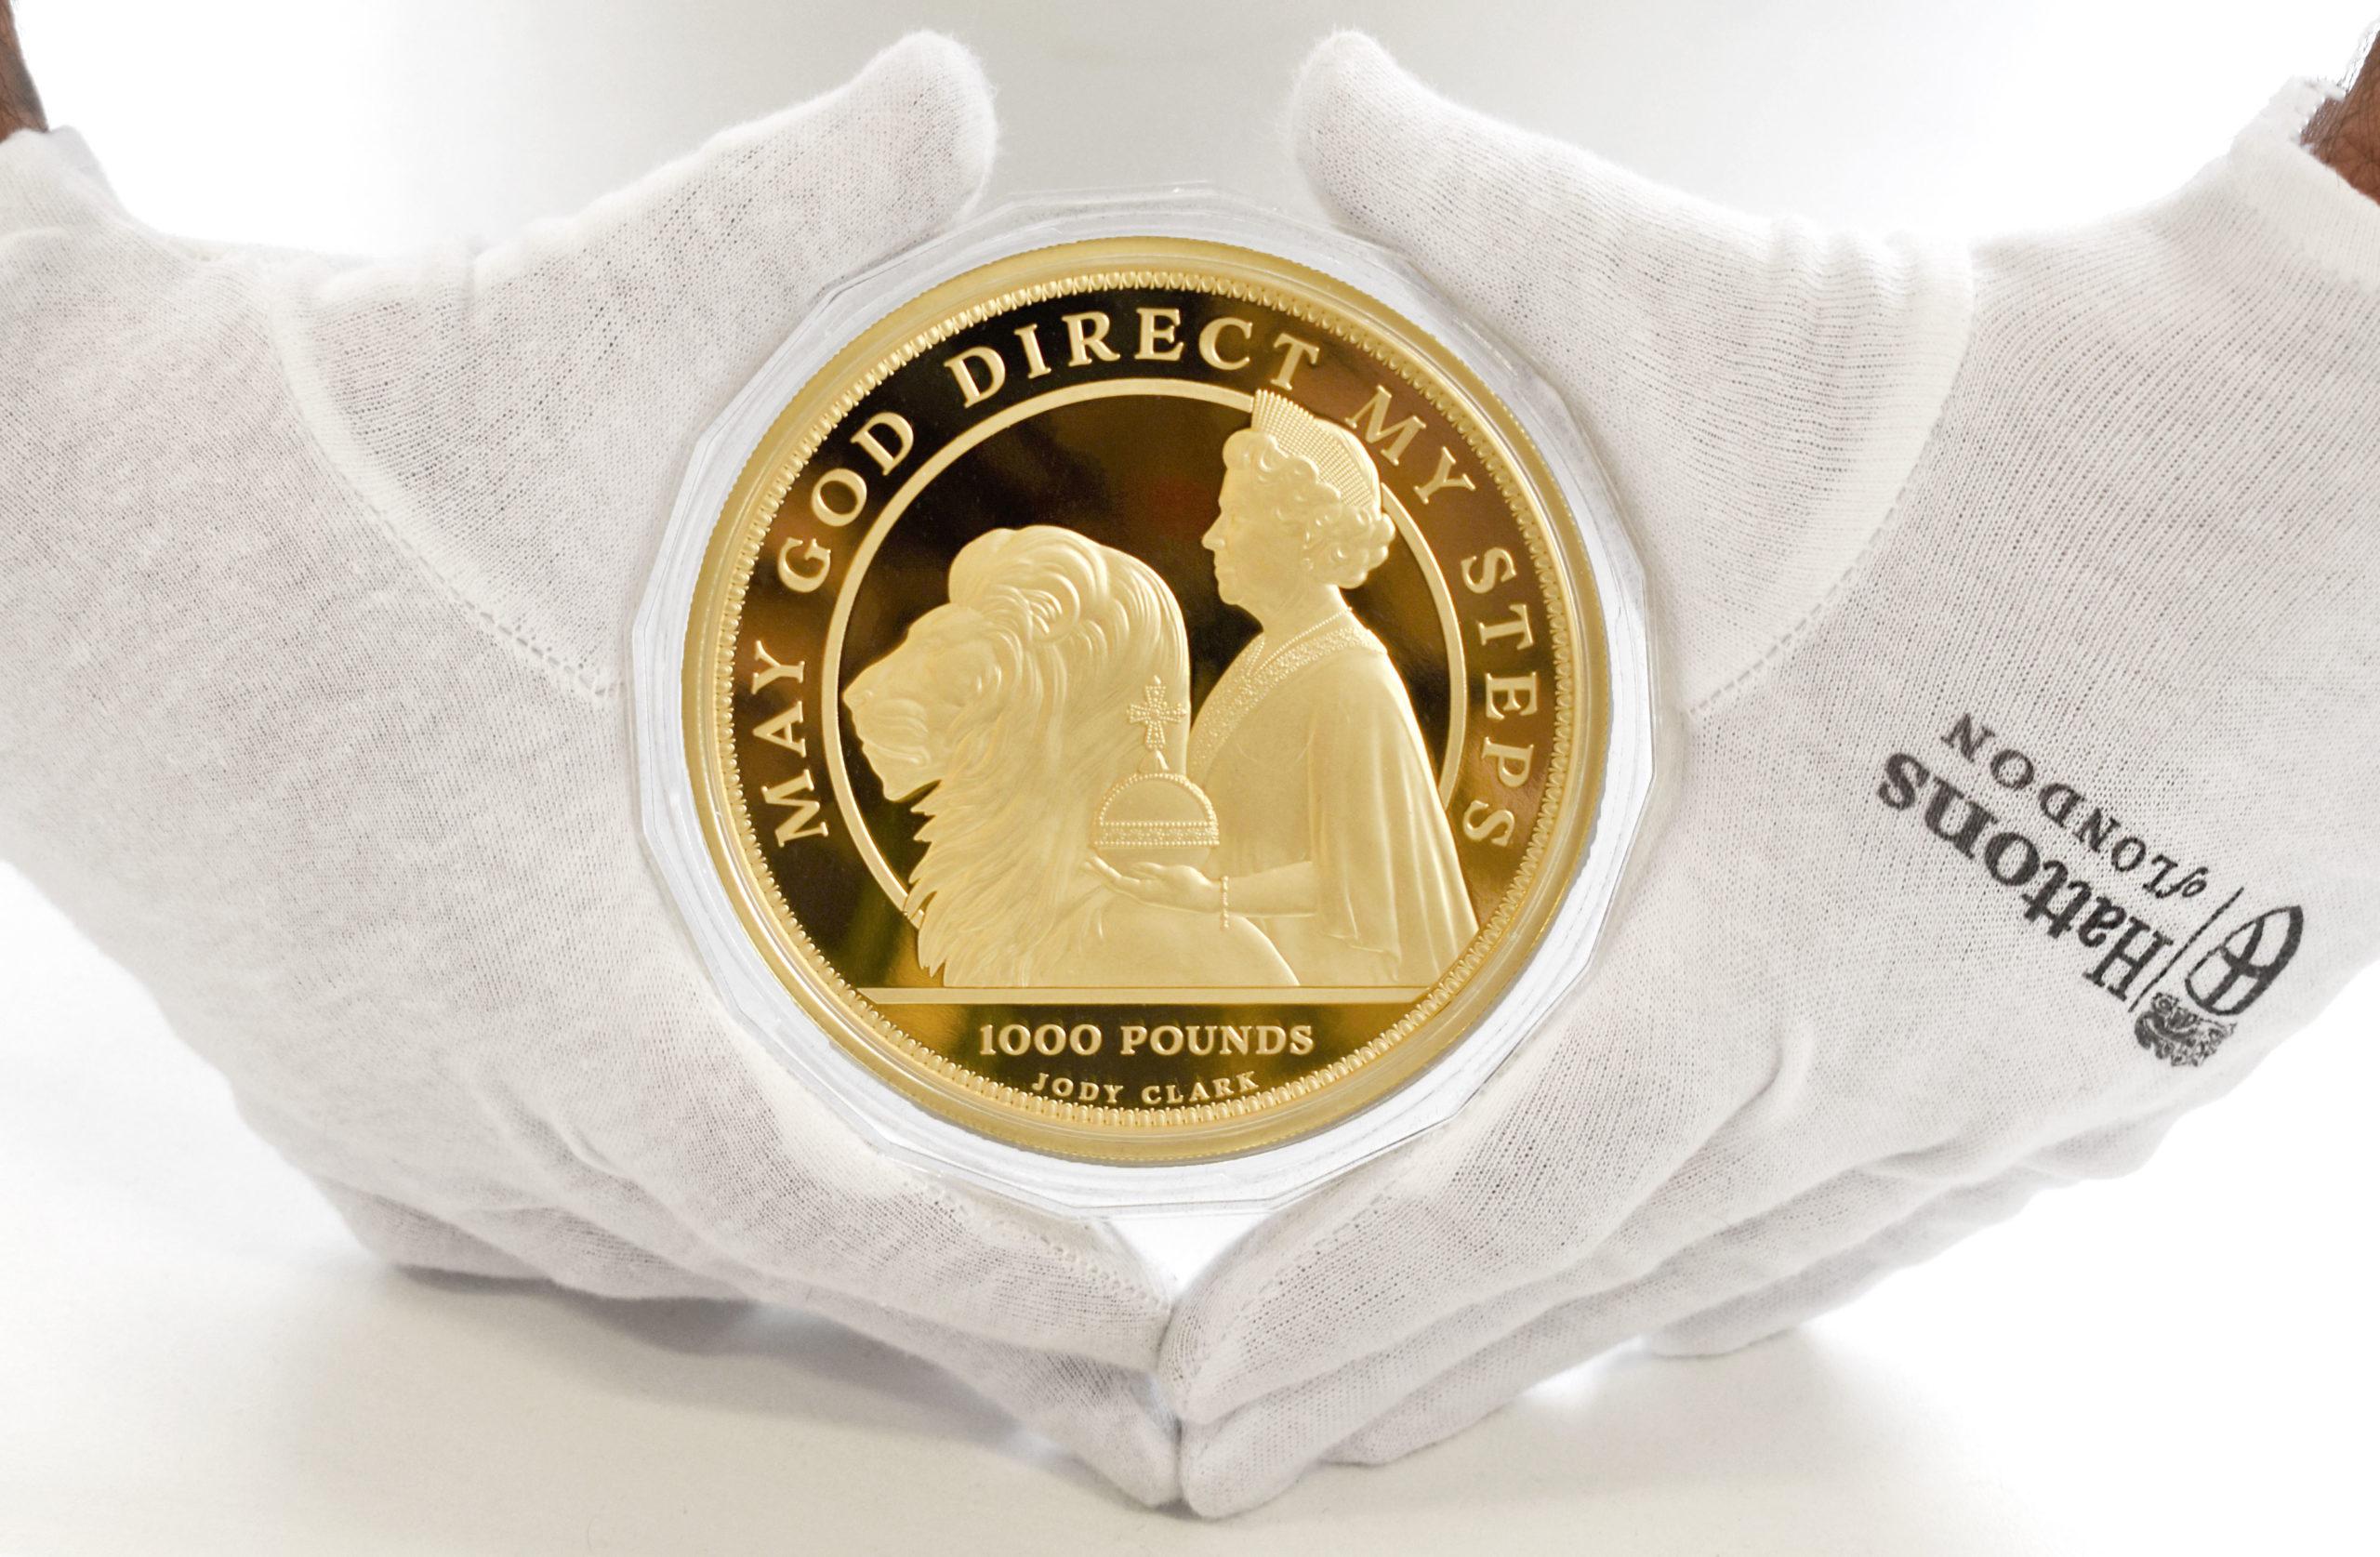 QEII 95th One Thousand Pound Sovereign